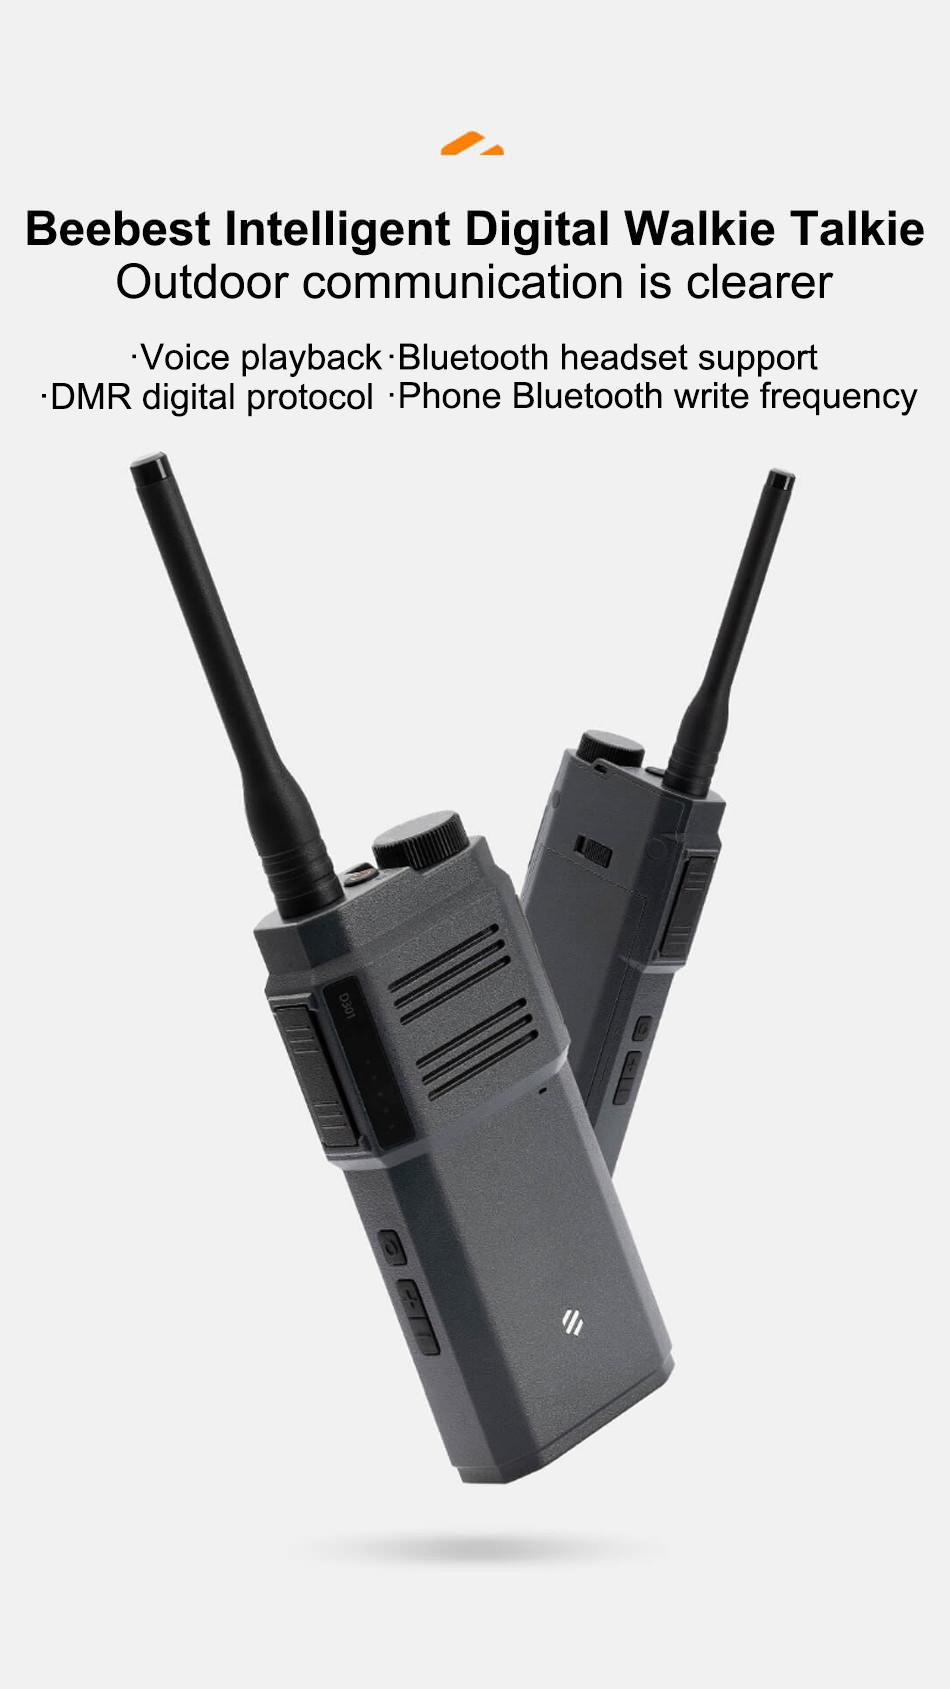 xiaomi mijia d301 walkie talkie